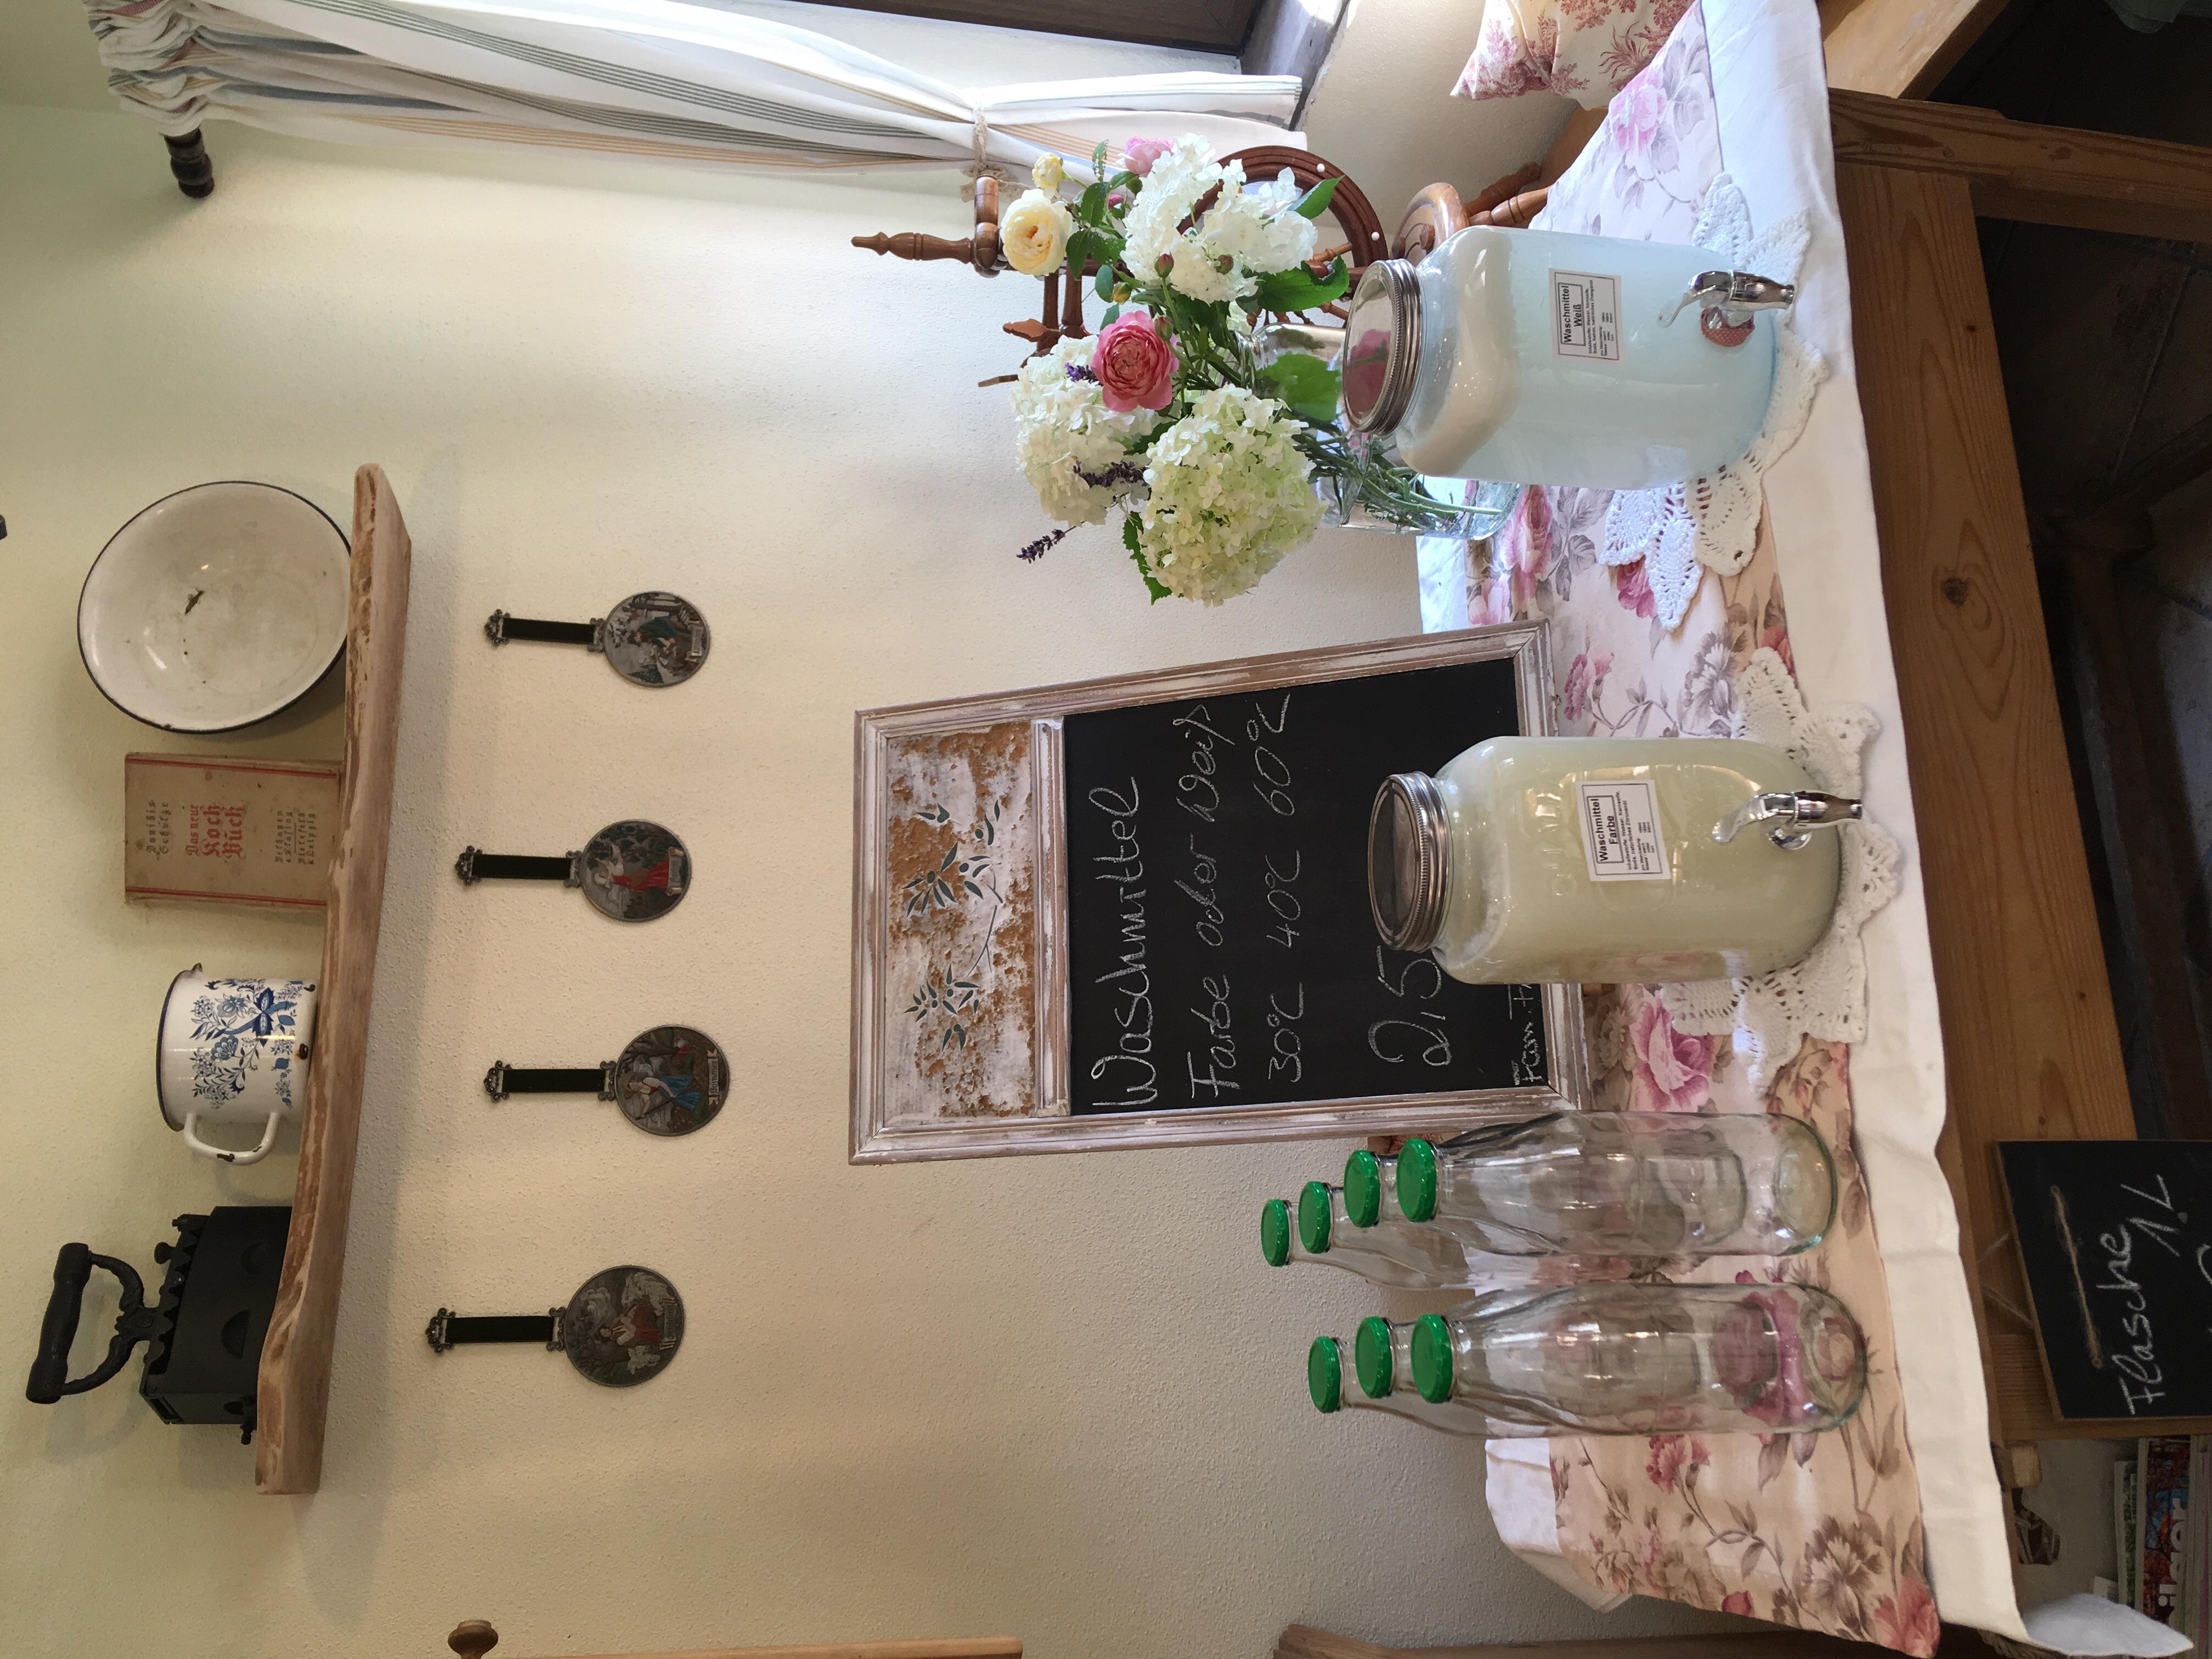 Jetzt NEU in Doisl's Hofladen: Waschmittel zum selber zapfen.